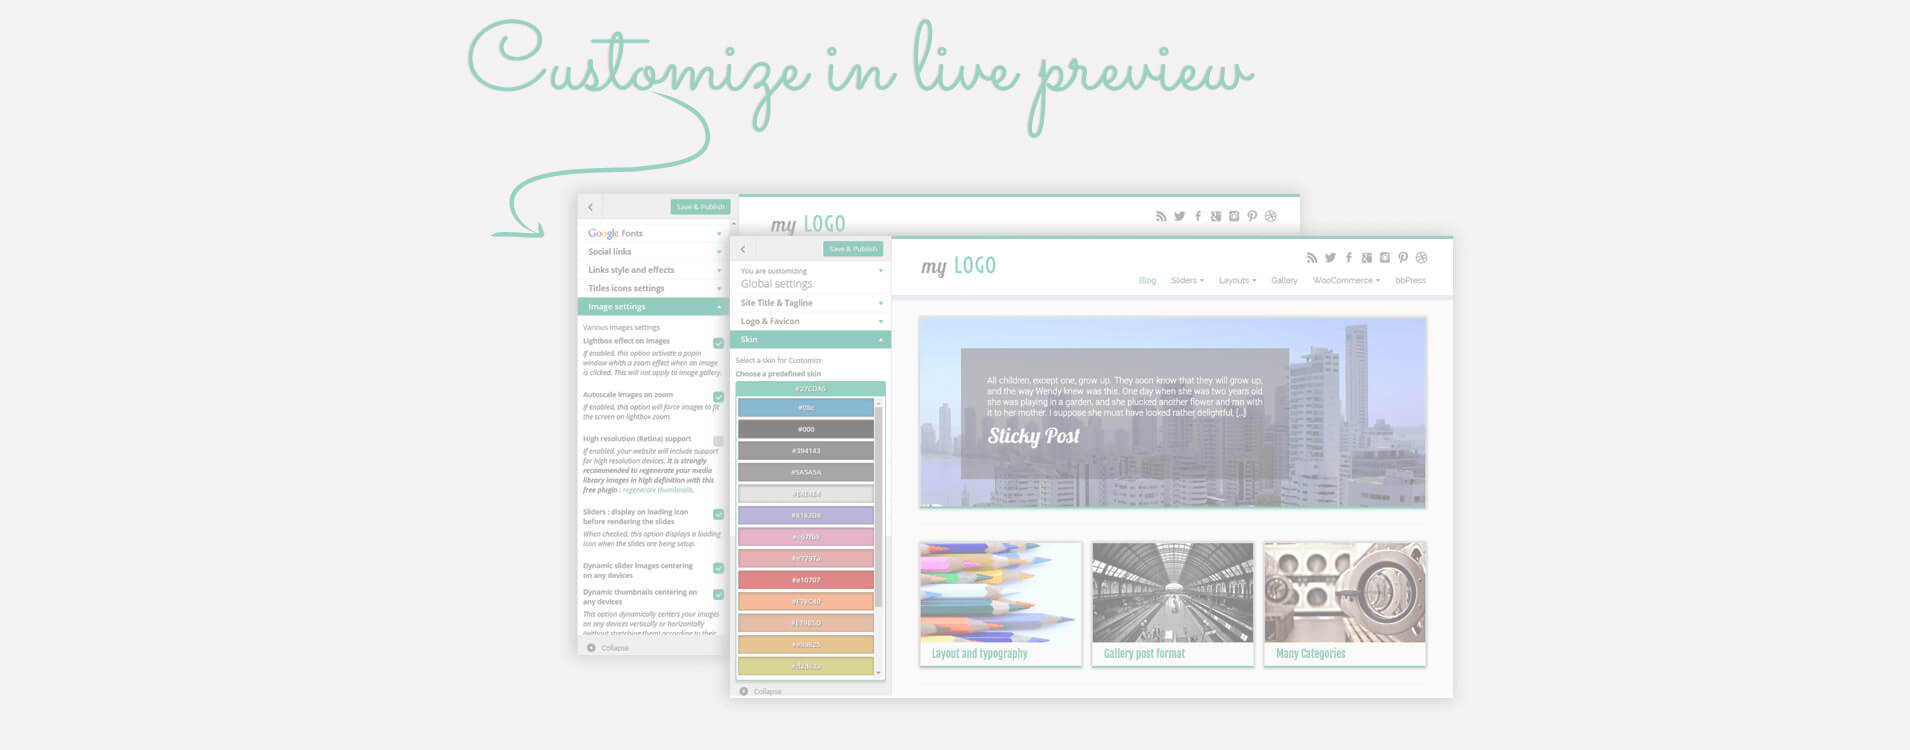 Veľa nastavení rozloženia a vzhľadu je prístupných priamo z WordPress náhľadovej stránky : sledujte Vaše zmeny naživo !